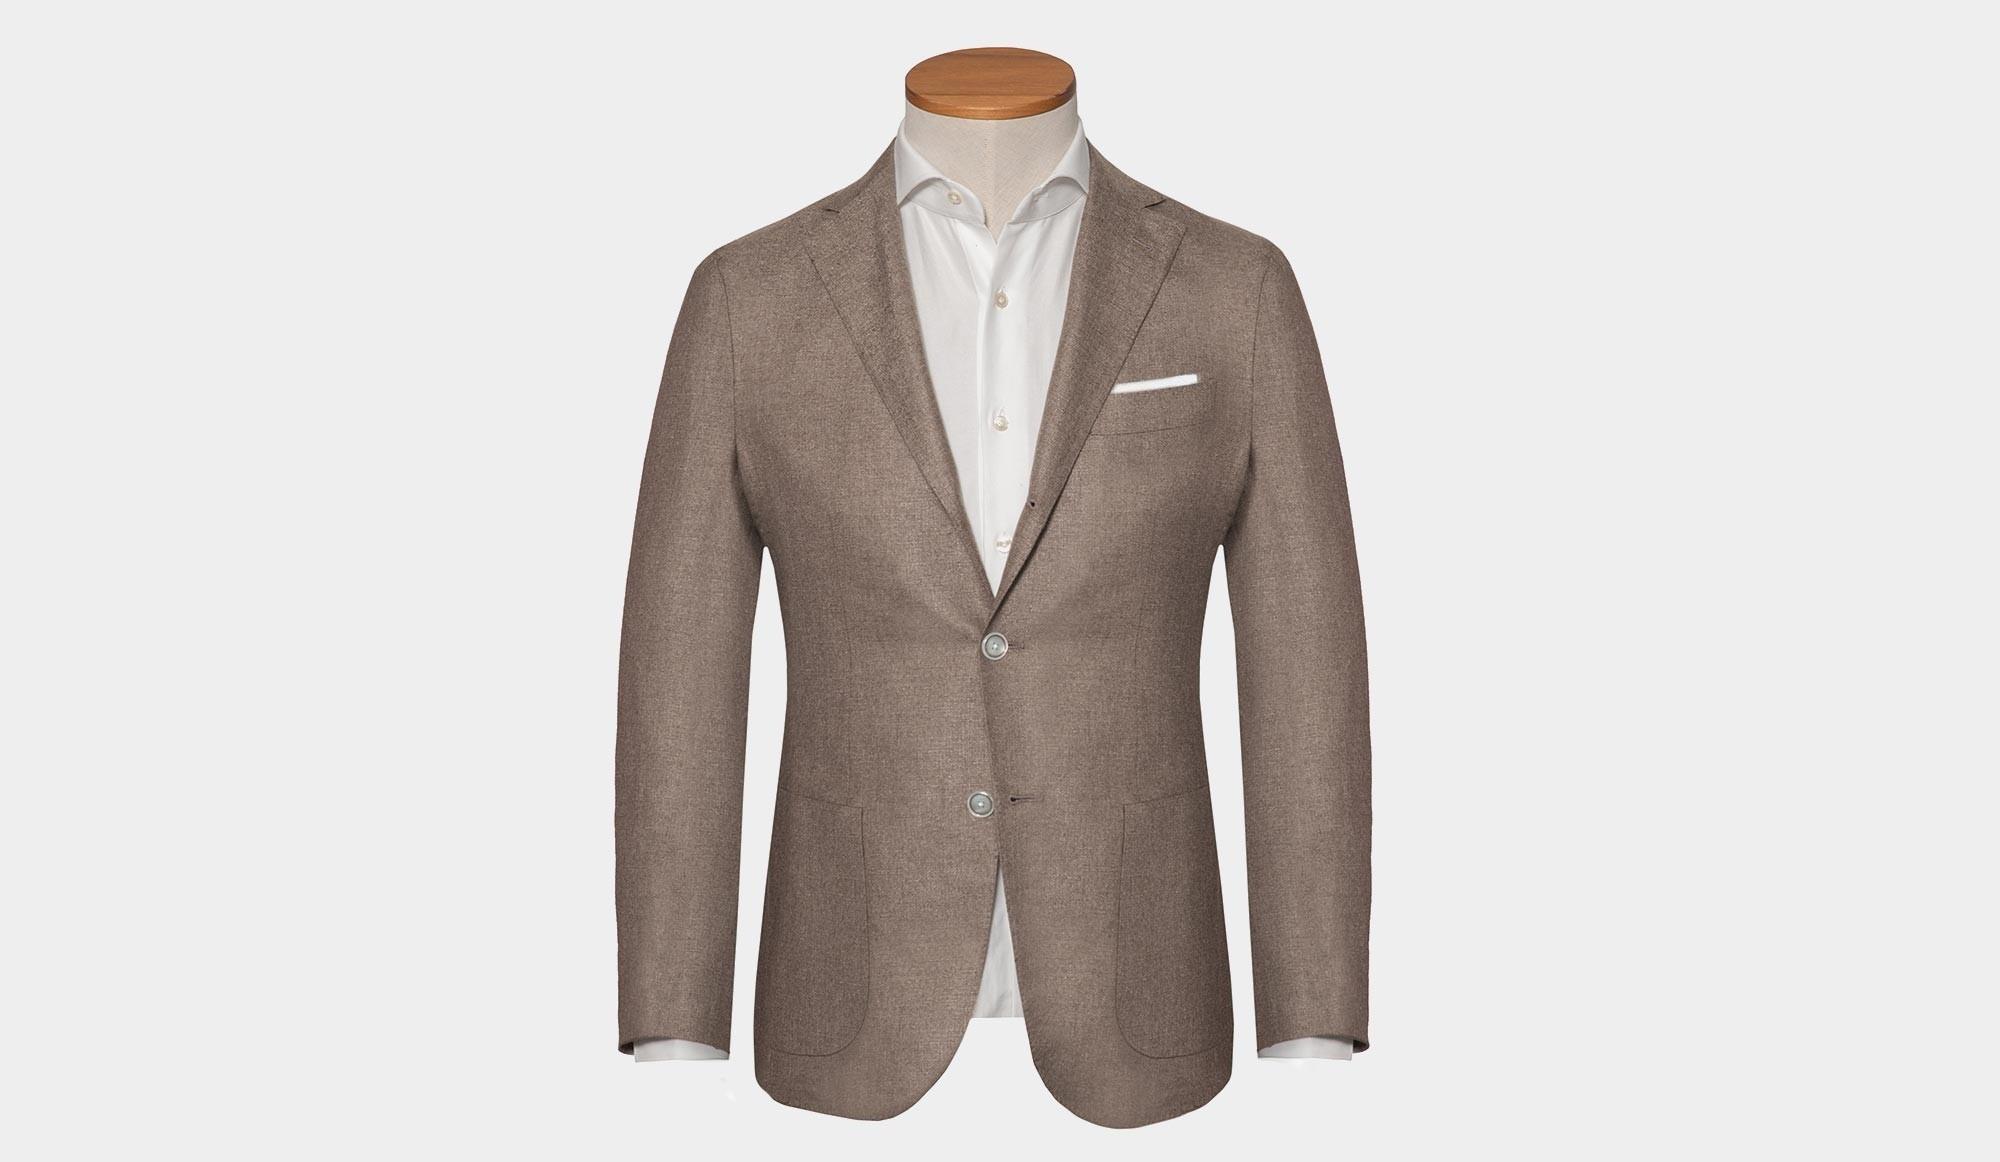 pretty nice f9273 2e06f Barba Napoli Cashmere Silk Jacket Taupe - Cipriani